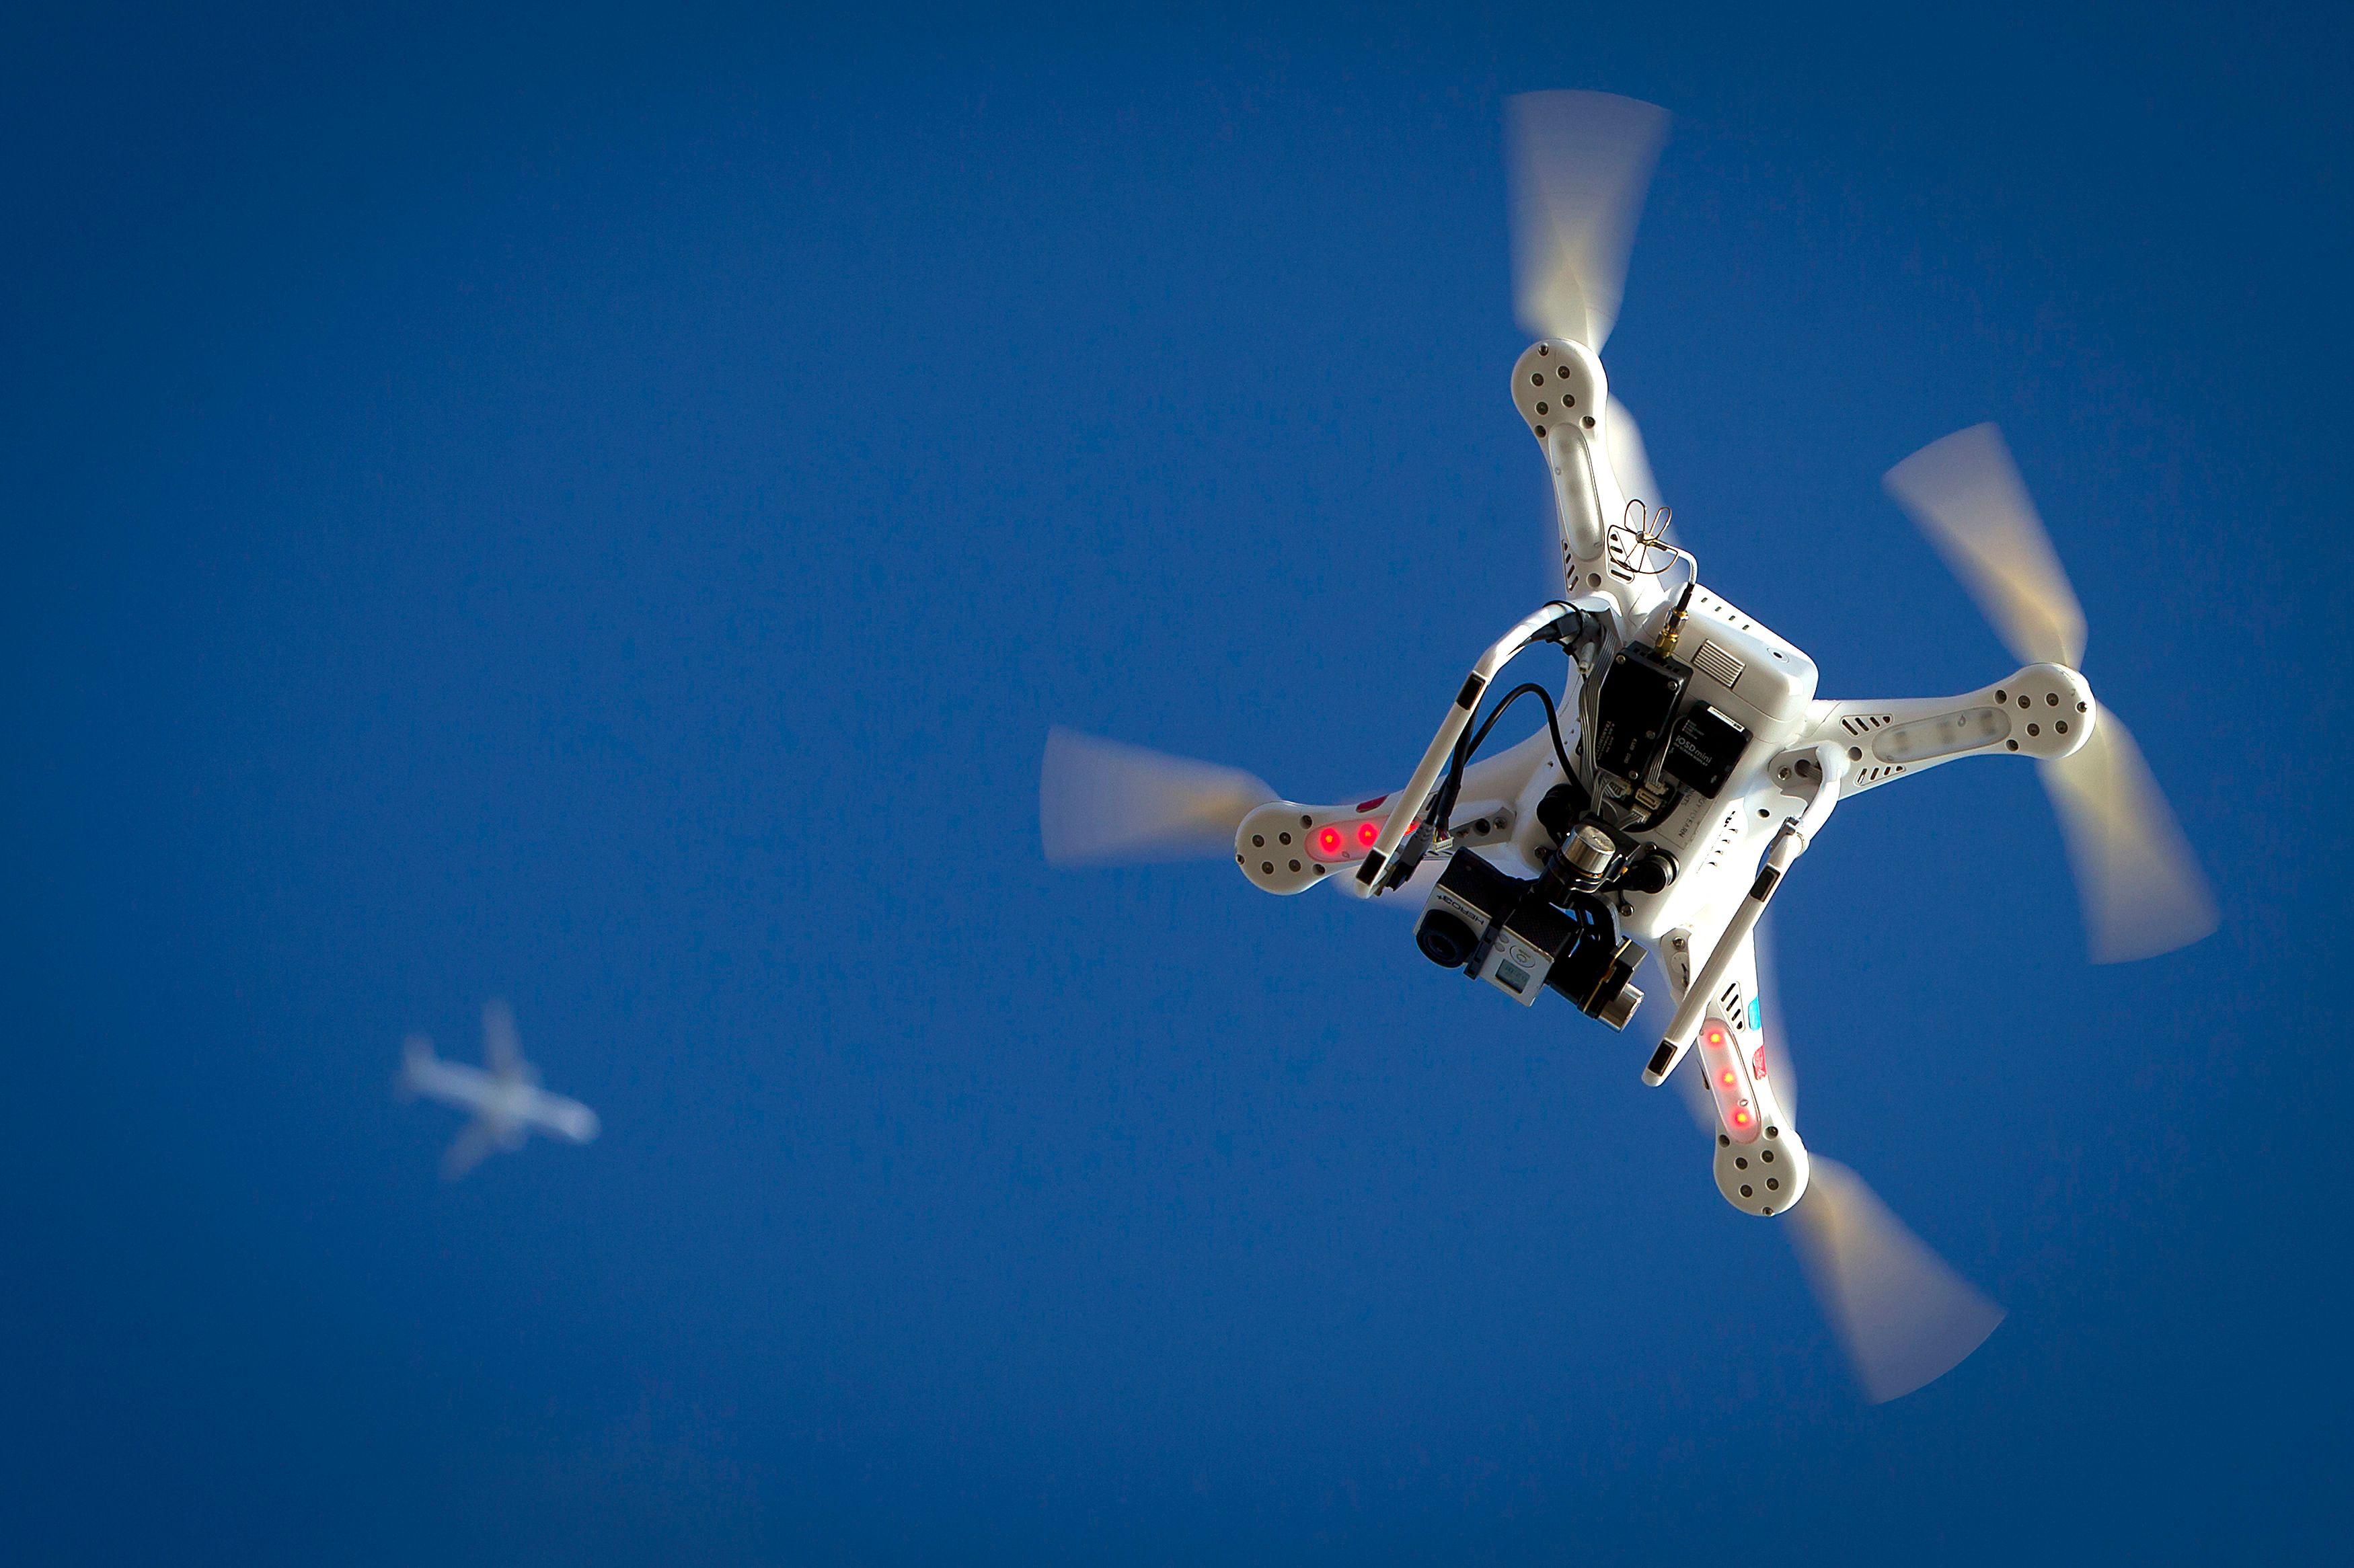 Un drone a survolé le palais de l'Elysée dans la nuit de jeudi à vendredi.